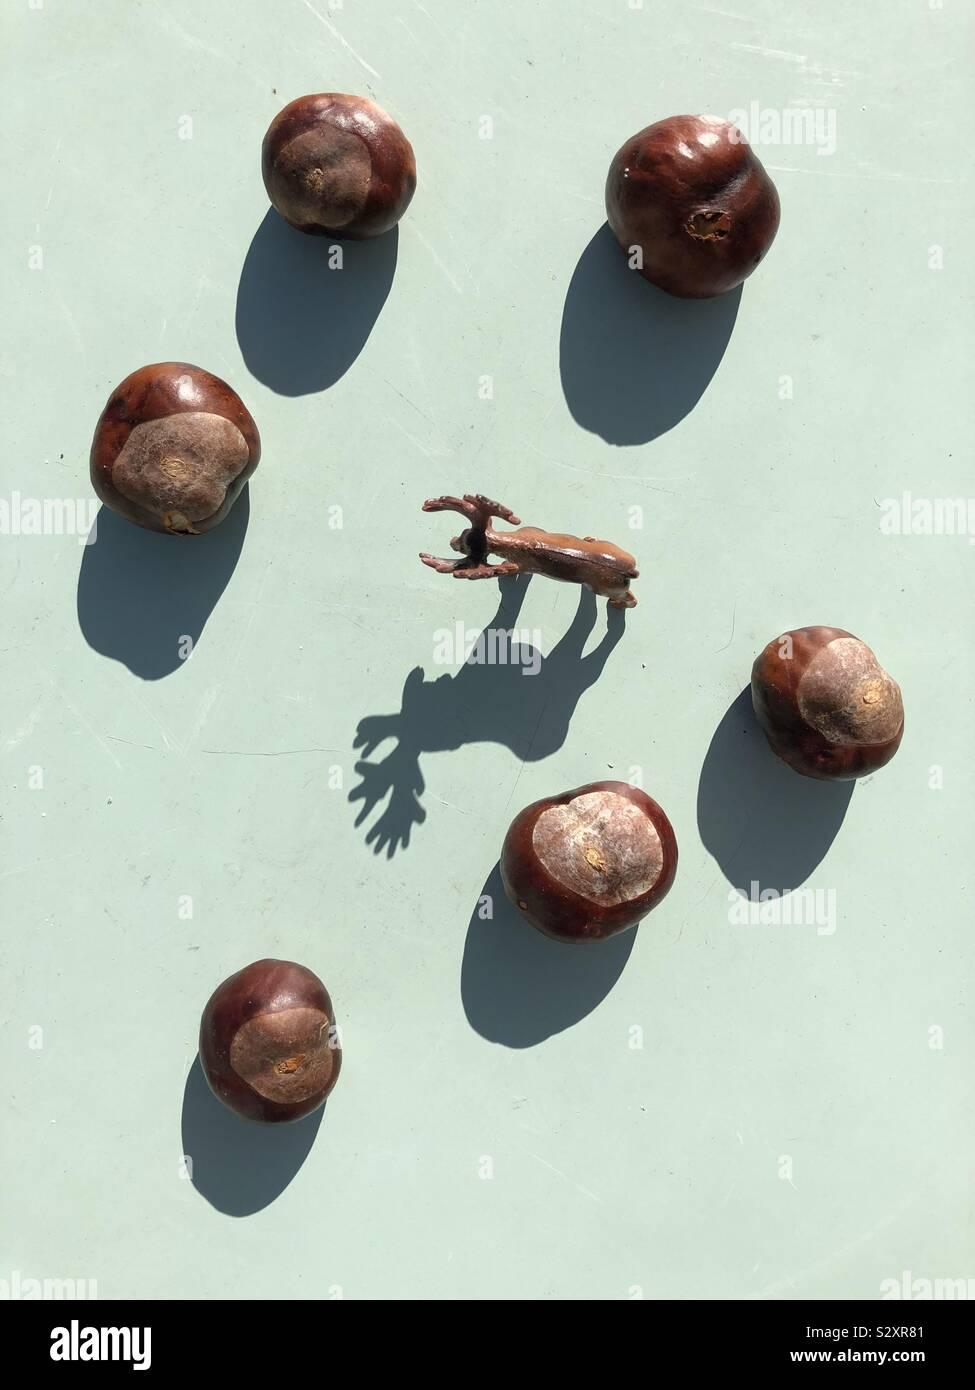 Autunno immagine a tema del cavallo di castagne conker e ombra di un giocattolo deer Foto Stock